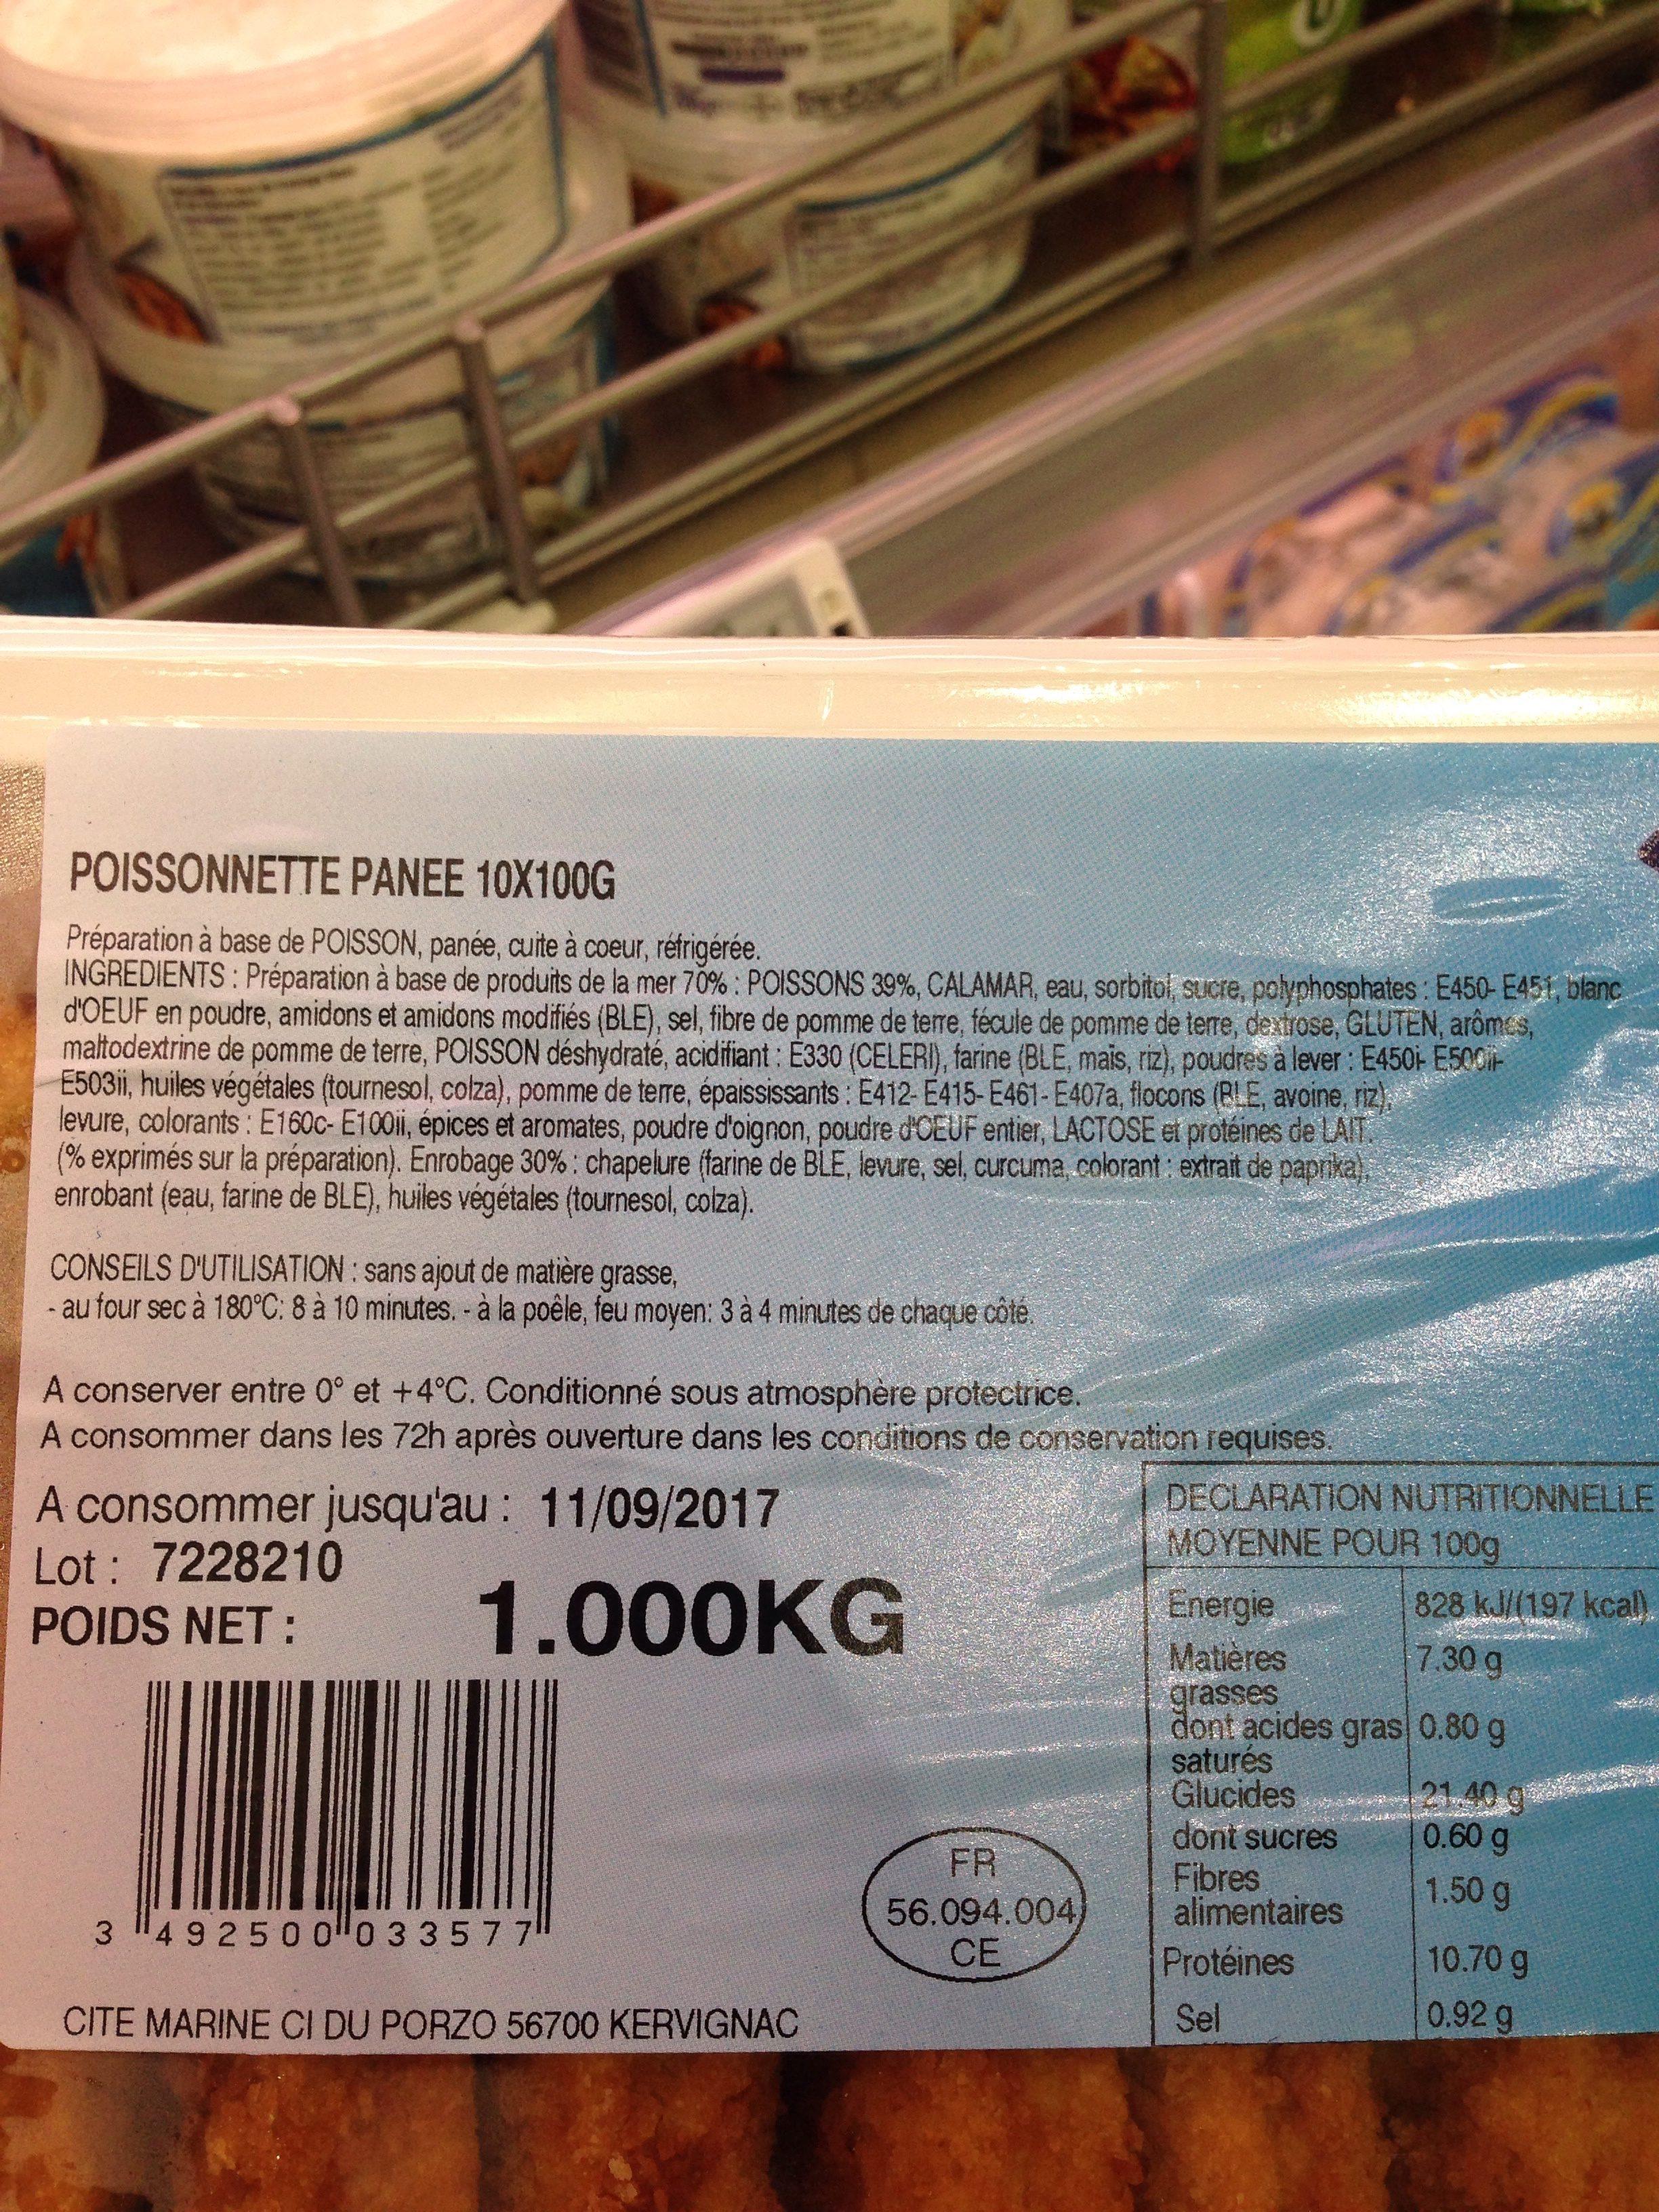 Poissonnette panee 10x100G - Ingrédients - fr